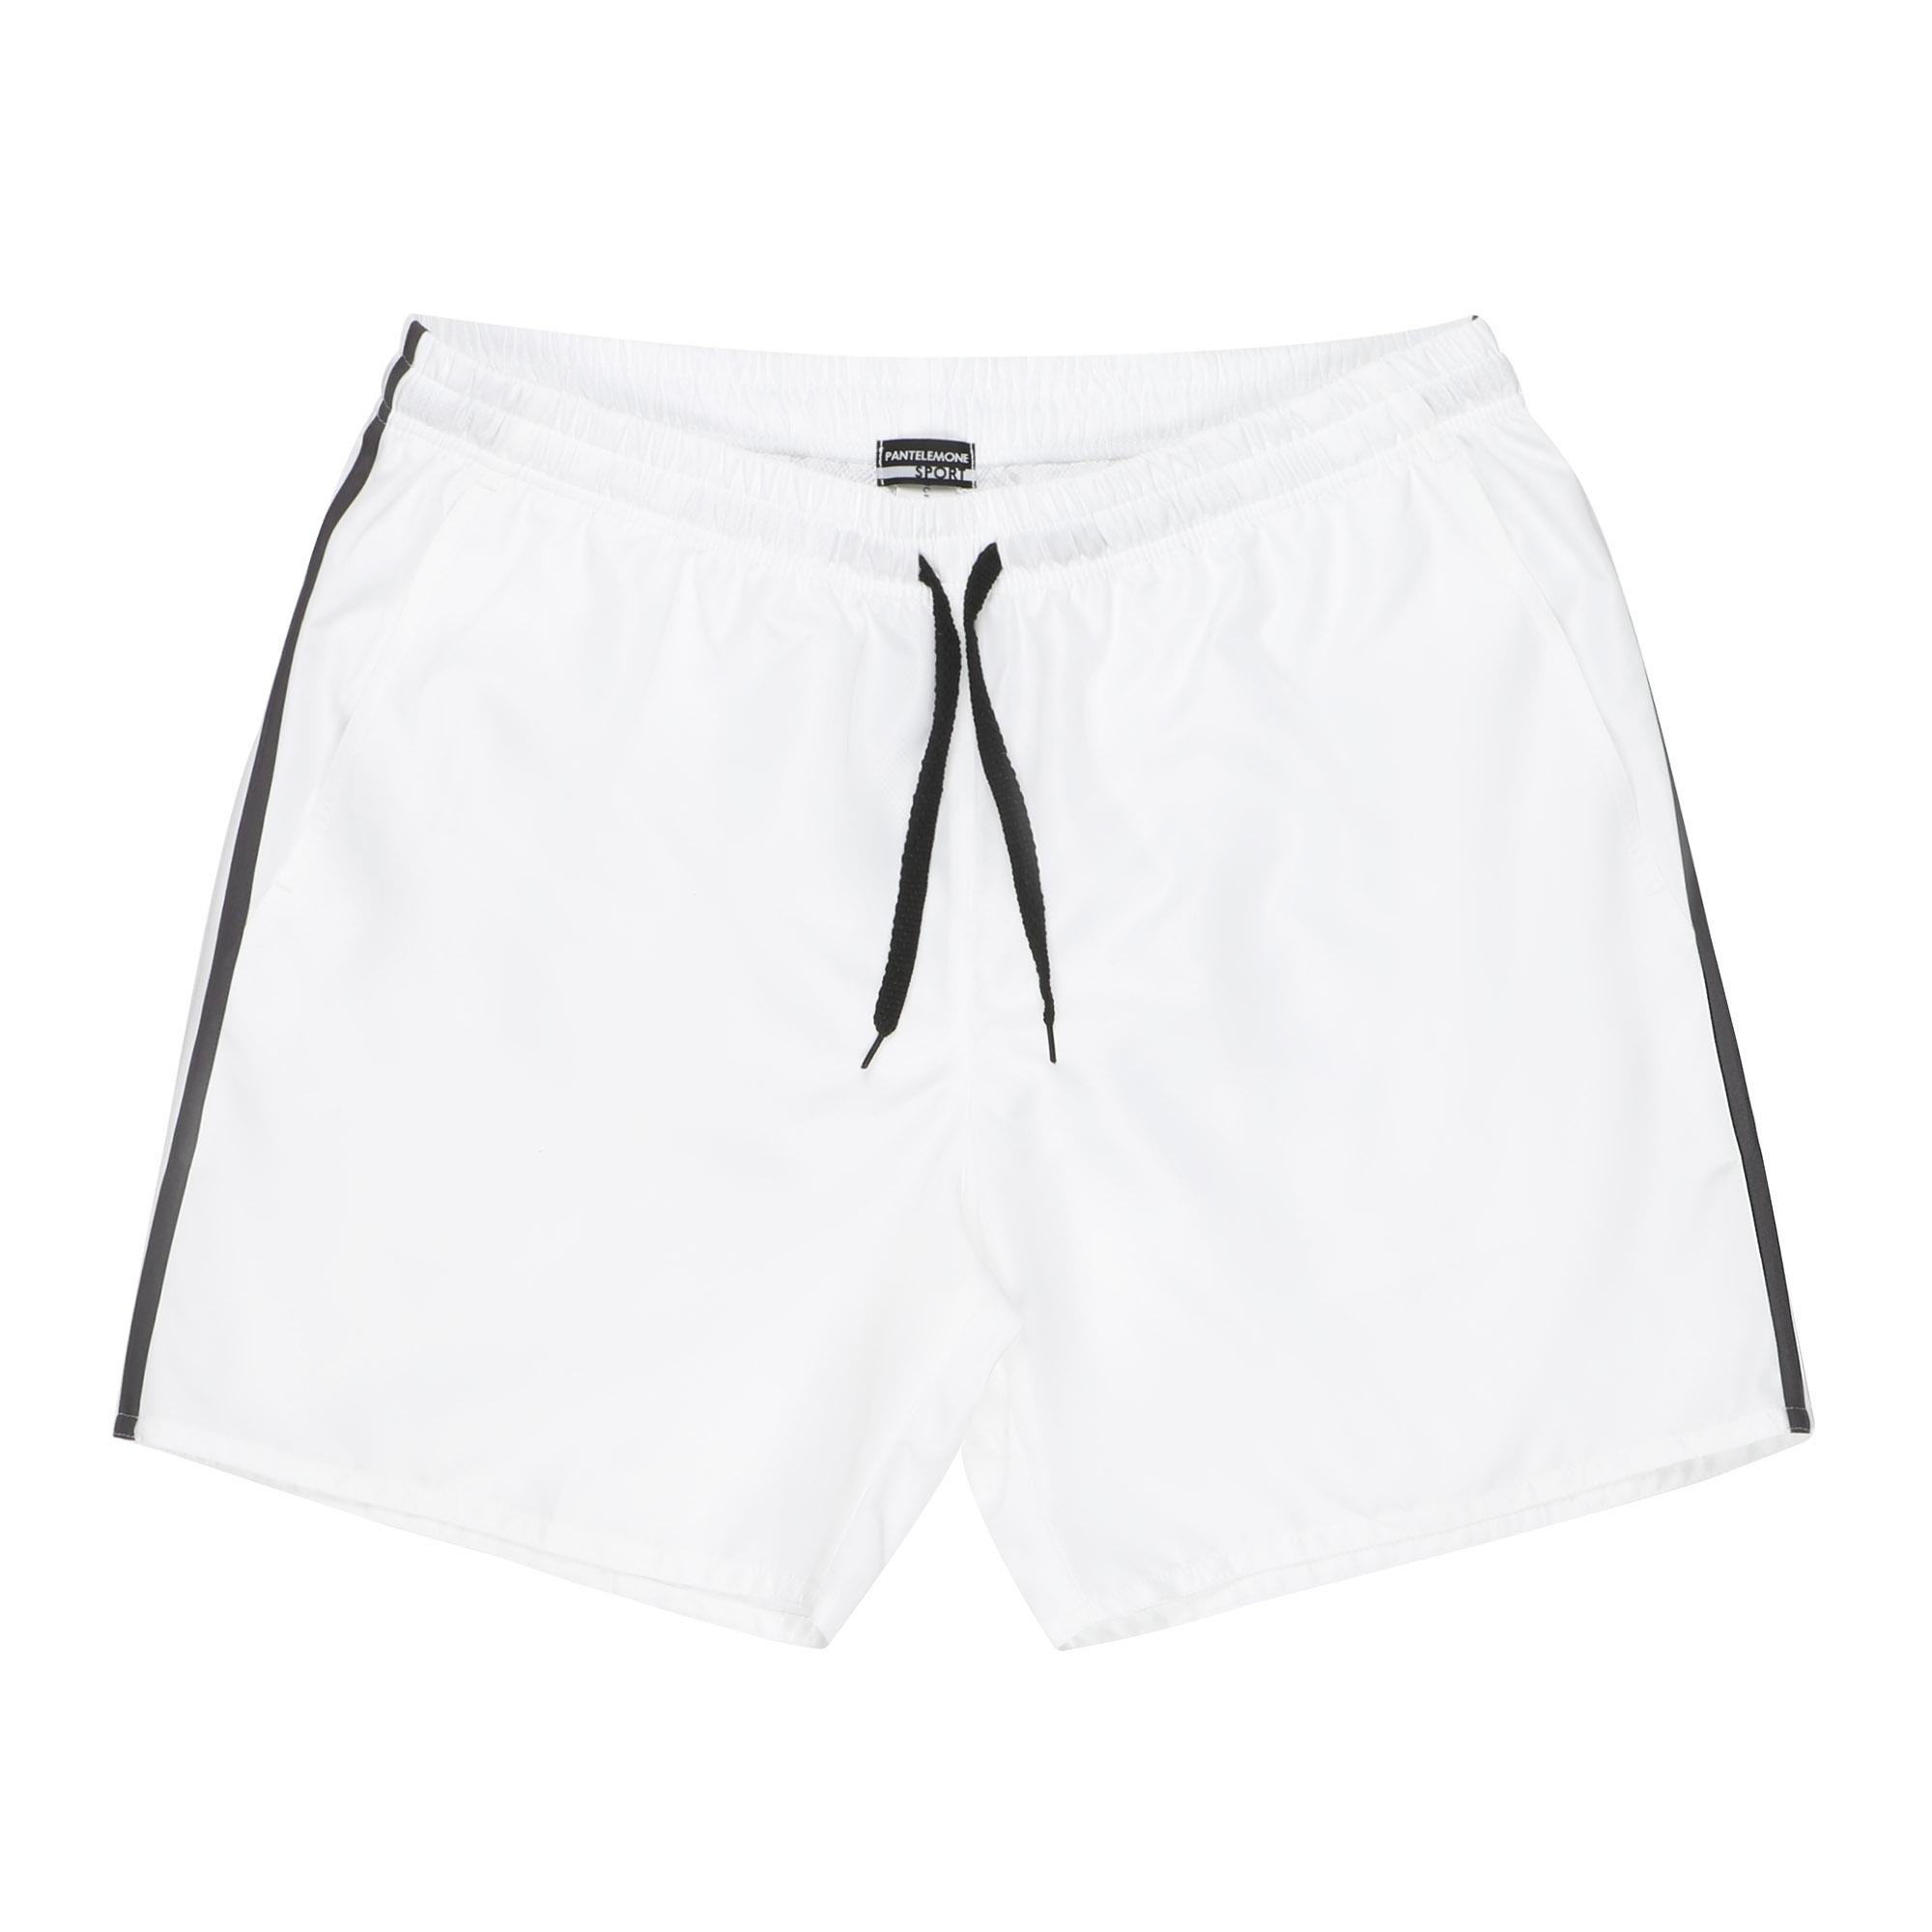 Пляжные шорты Pantelemone 56 белые